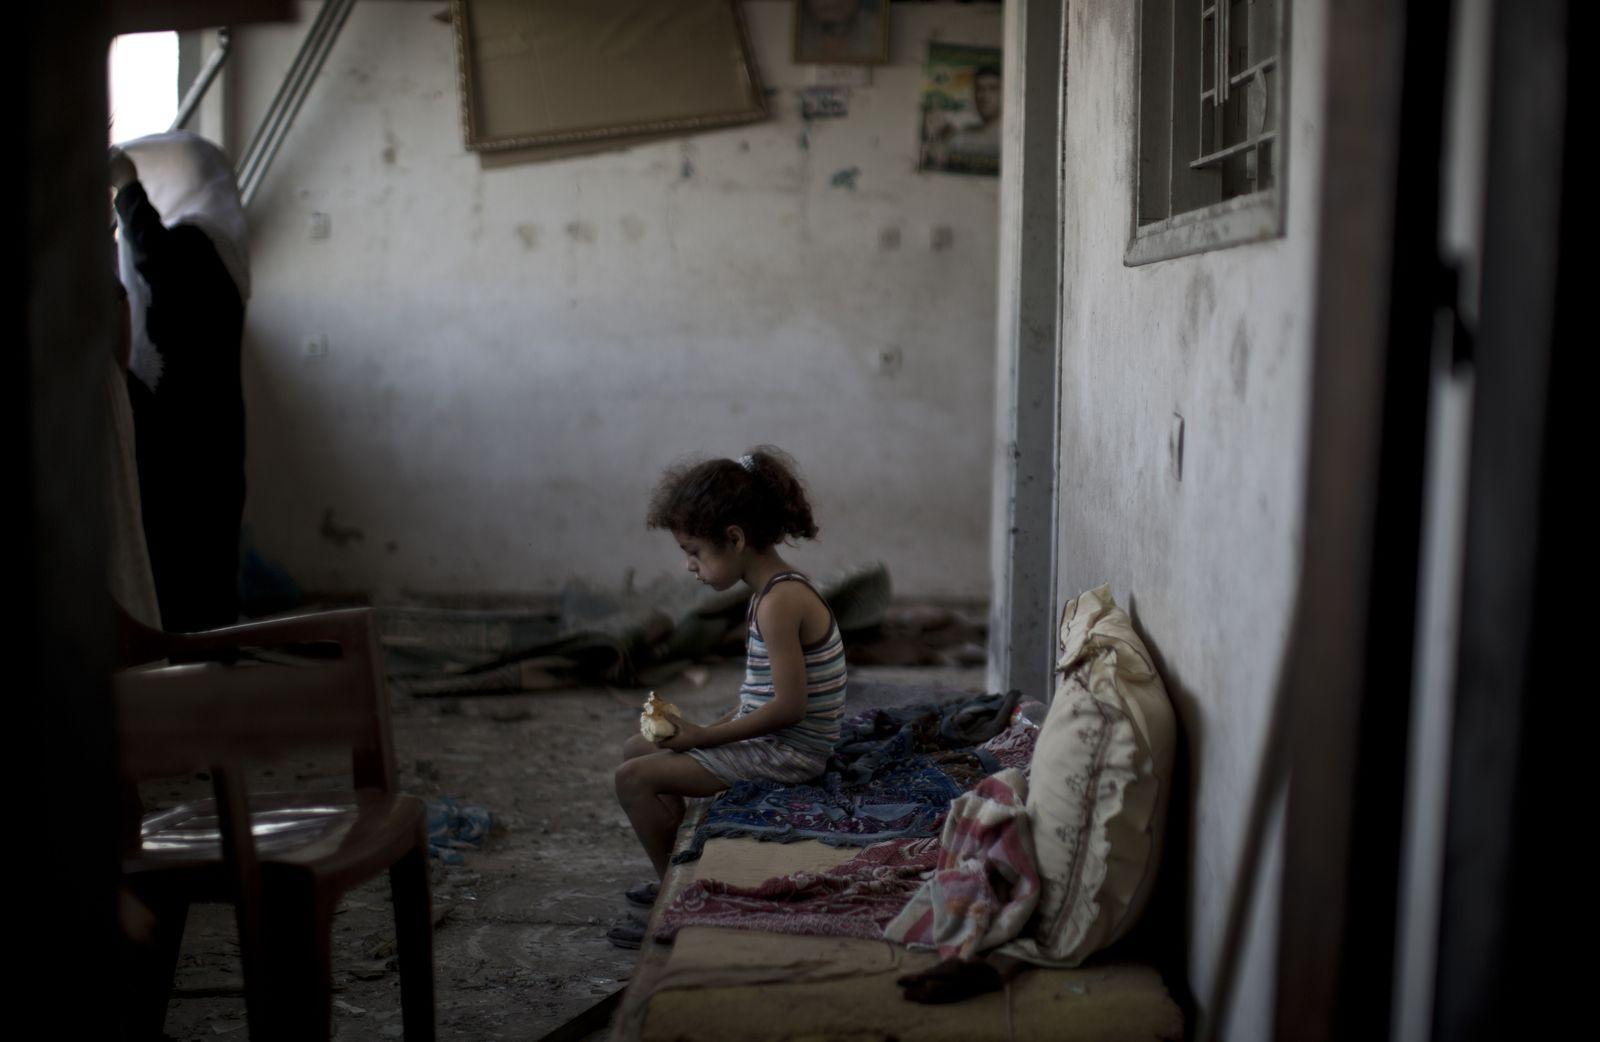 Palästinensisches Kind